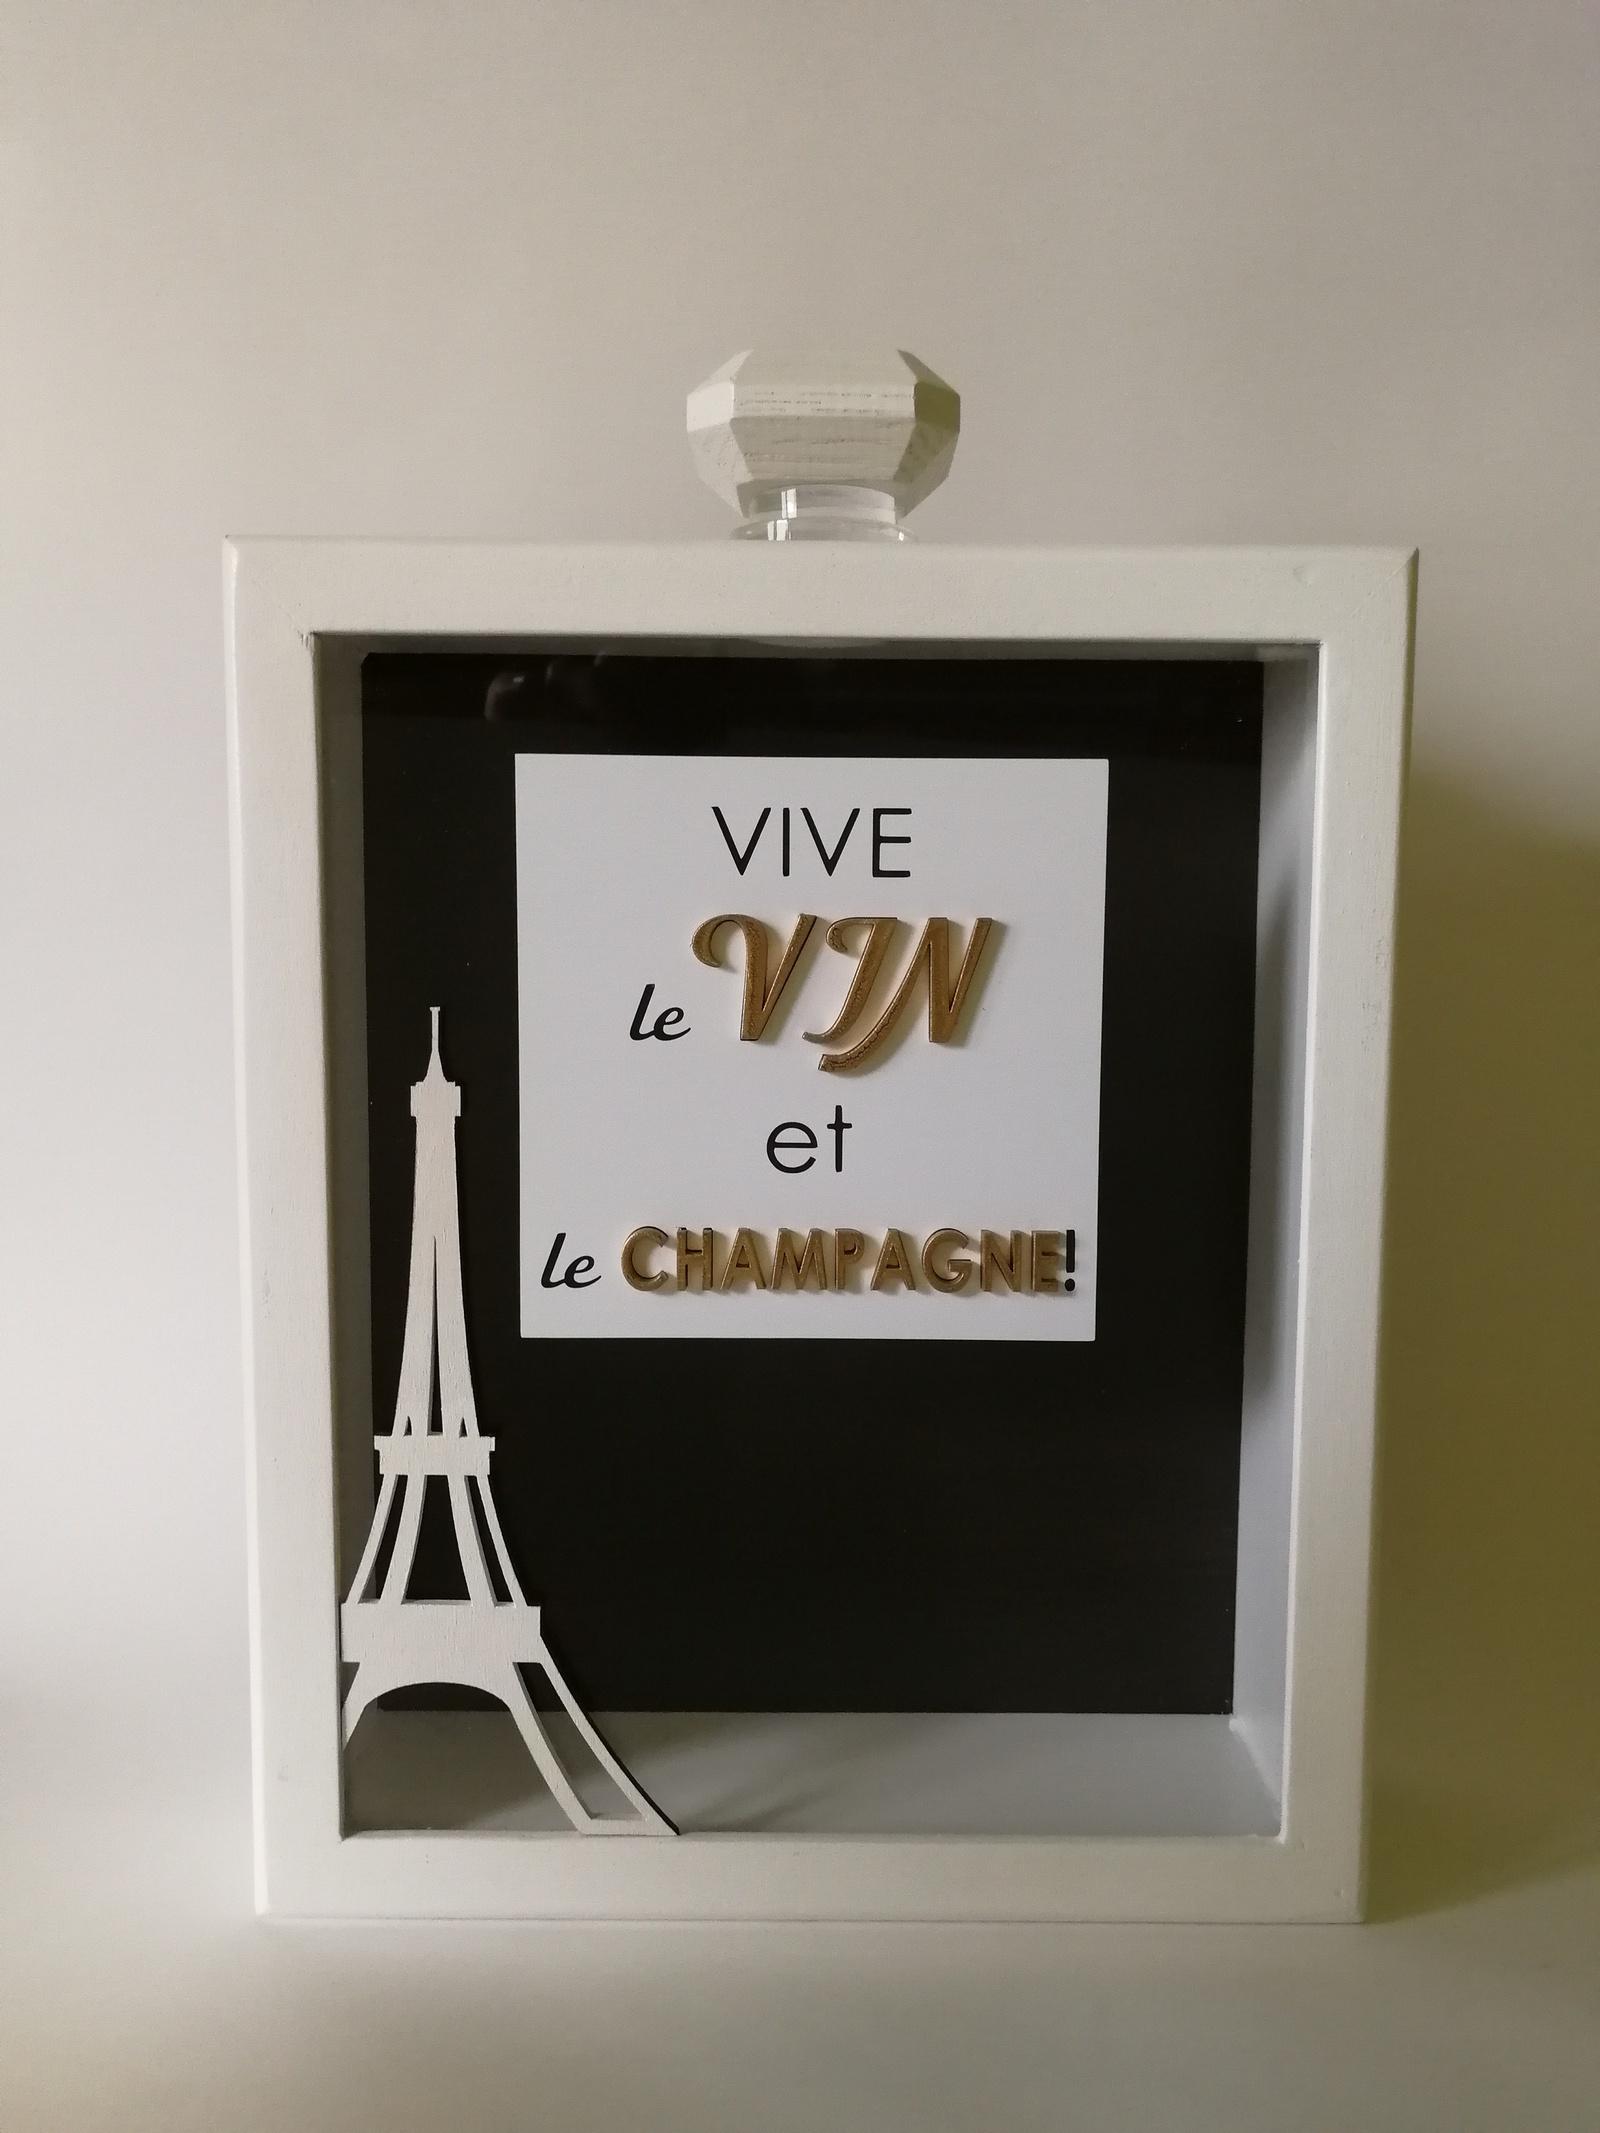 Копилка Vive Le Vin для винных пробок Семильон, белыйVV-3108-0113Копилка для винных пробок серия «Cемильон» 350х250х80 Vive Le Vin VV-3108-0113. Корпус выполнен из натурального дерева (Береза), окрашенного в белый цвет. Лицевая часть выполнена из стекла и декорирована надписью «Да здравствует вино и шампанское» (на французском языке, буквами из дерева). Полностью ручная работа, отверстие в копилке позволяет собирать пробки от вина и шампанского. Прекрасно впишется в интерьер настоящих ценителей вина и будет оригинальным и неповторимым подарком. Храните воспоминания необычно!